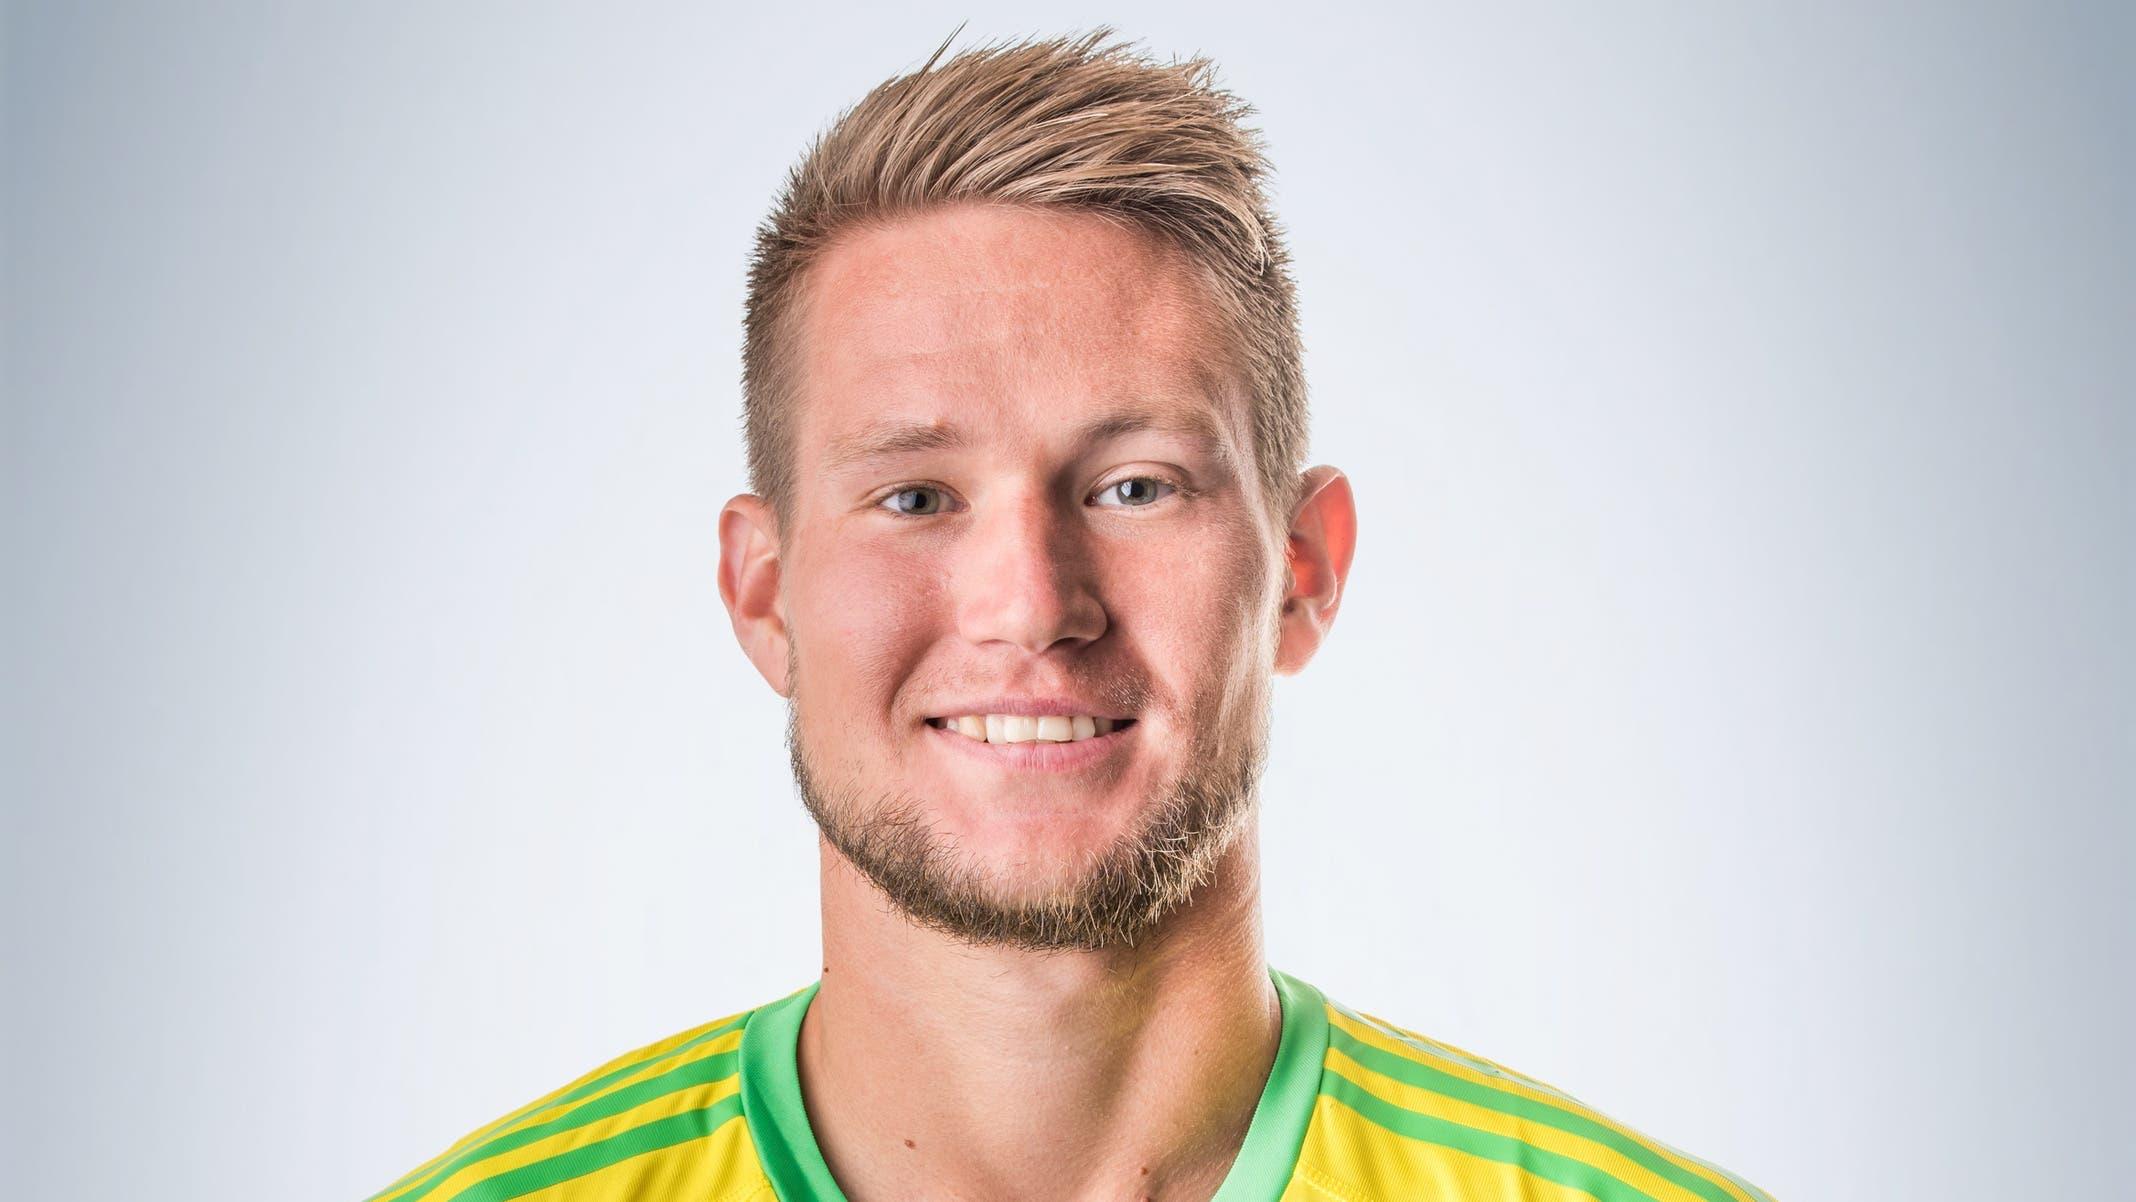 Tomás Vaclík: 5 Pariert mehrfach stark gegen gut umschaltende Luzerner. Sieht beim 0:1 unglücklich aus, wie die gesamte Hintermannschaft. Beim 0:2 chancenlos.